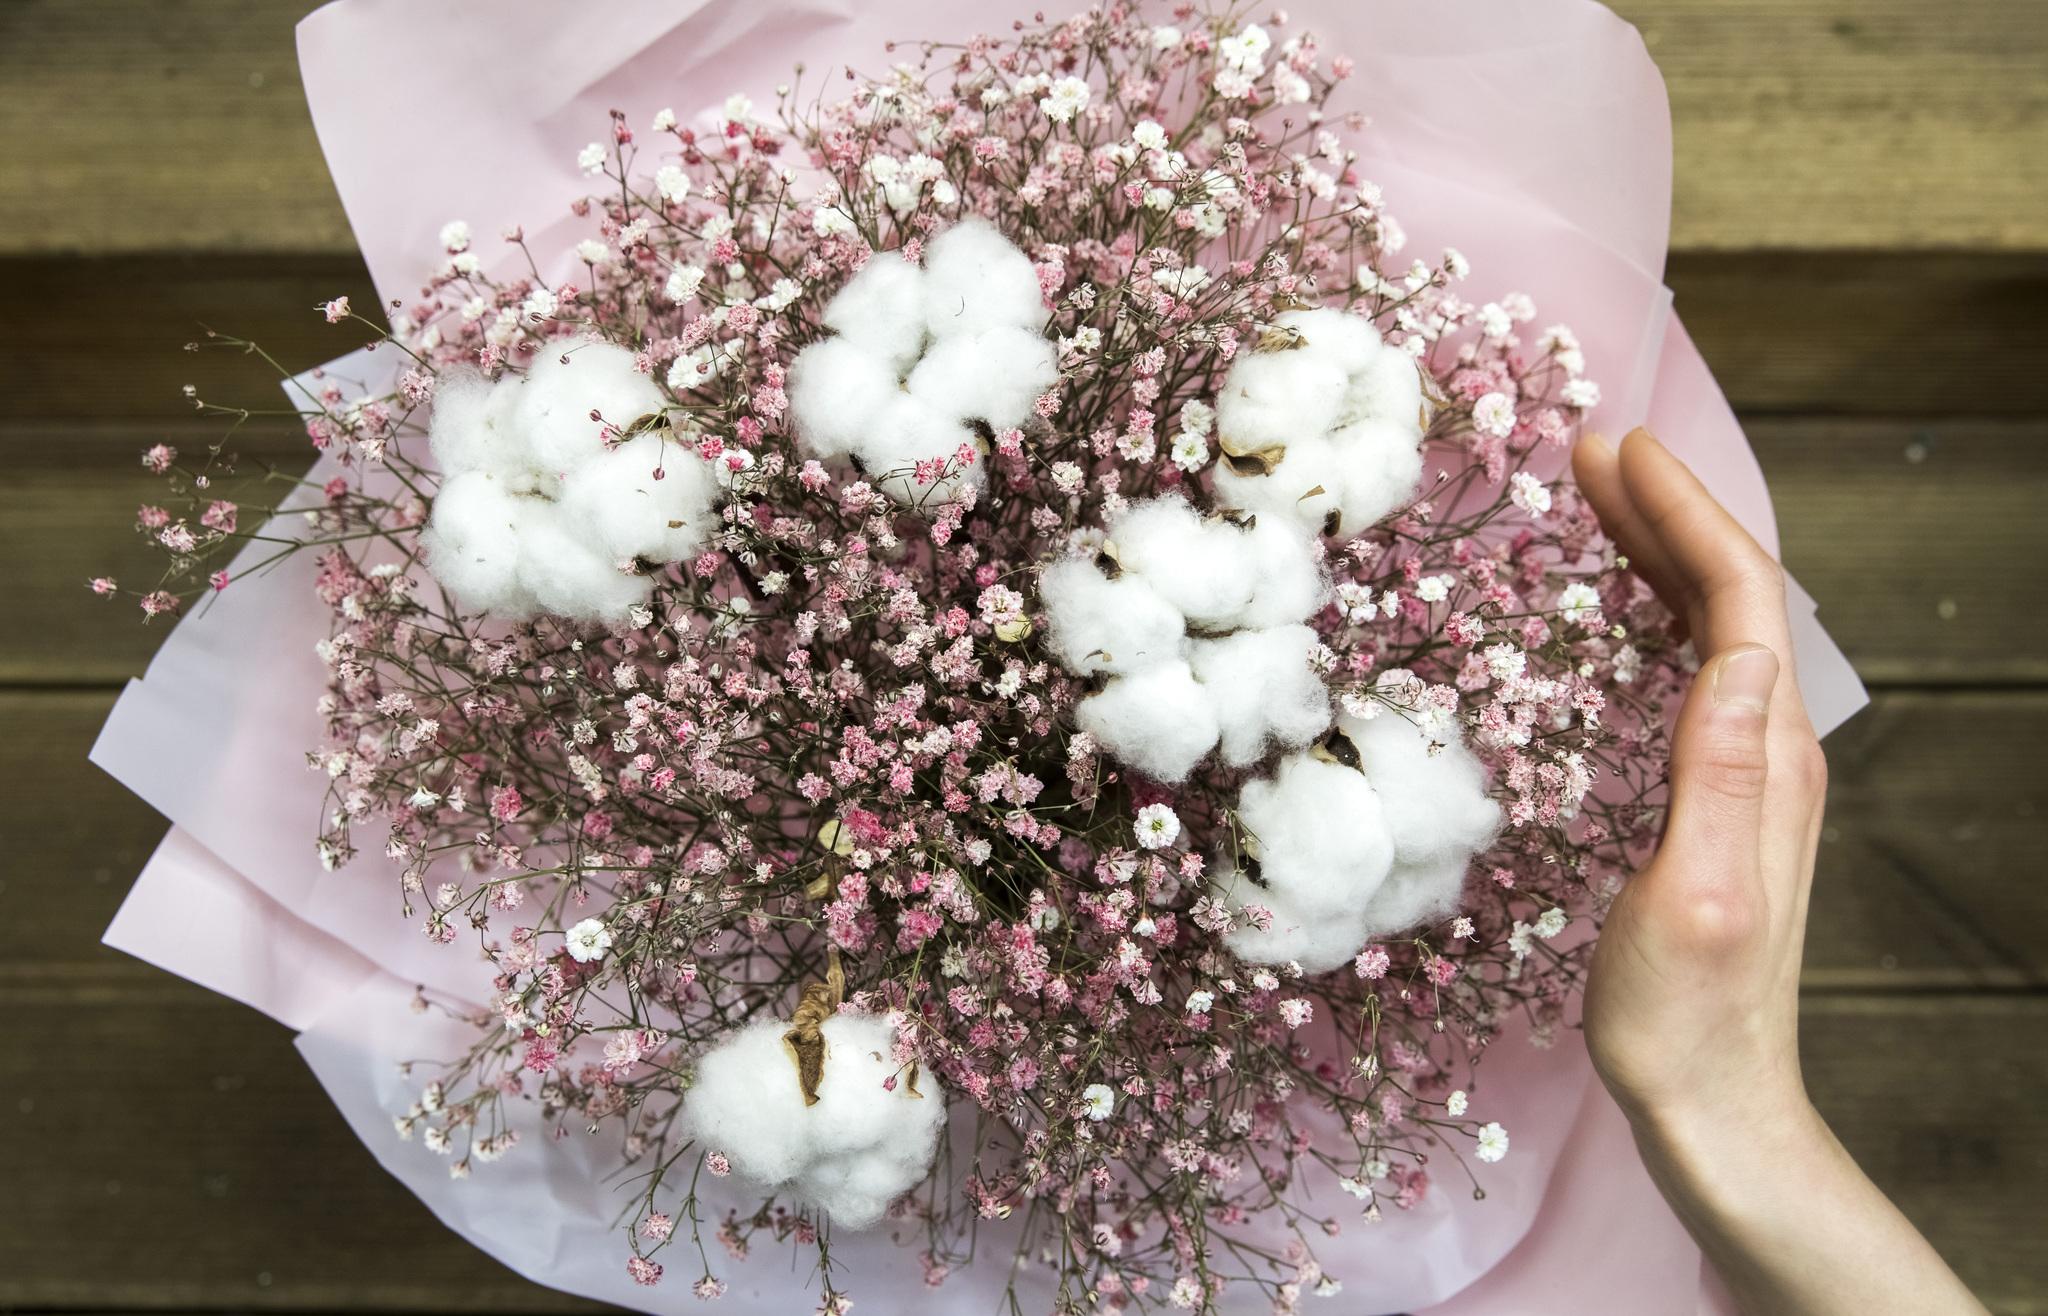 드라마 '도깨비'에 나와 올 겨울 폭발적인 인기를 끌었던 '도깨비꽃(목화 꽃다발). 박종근 기자